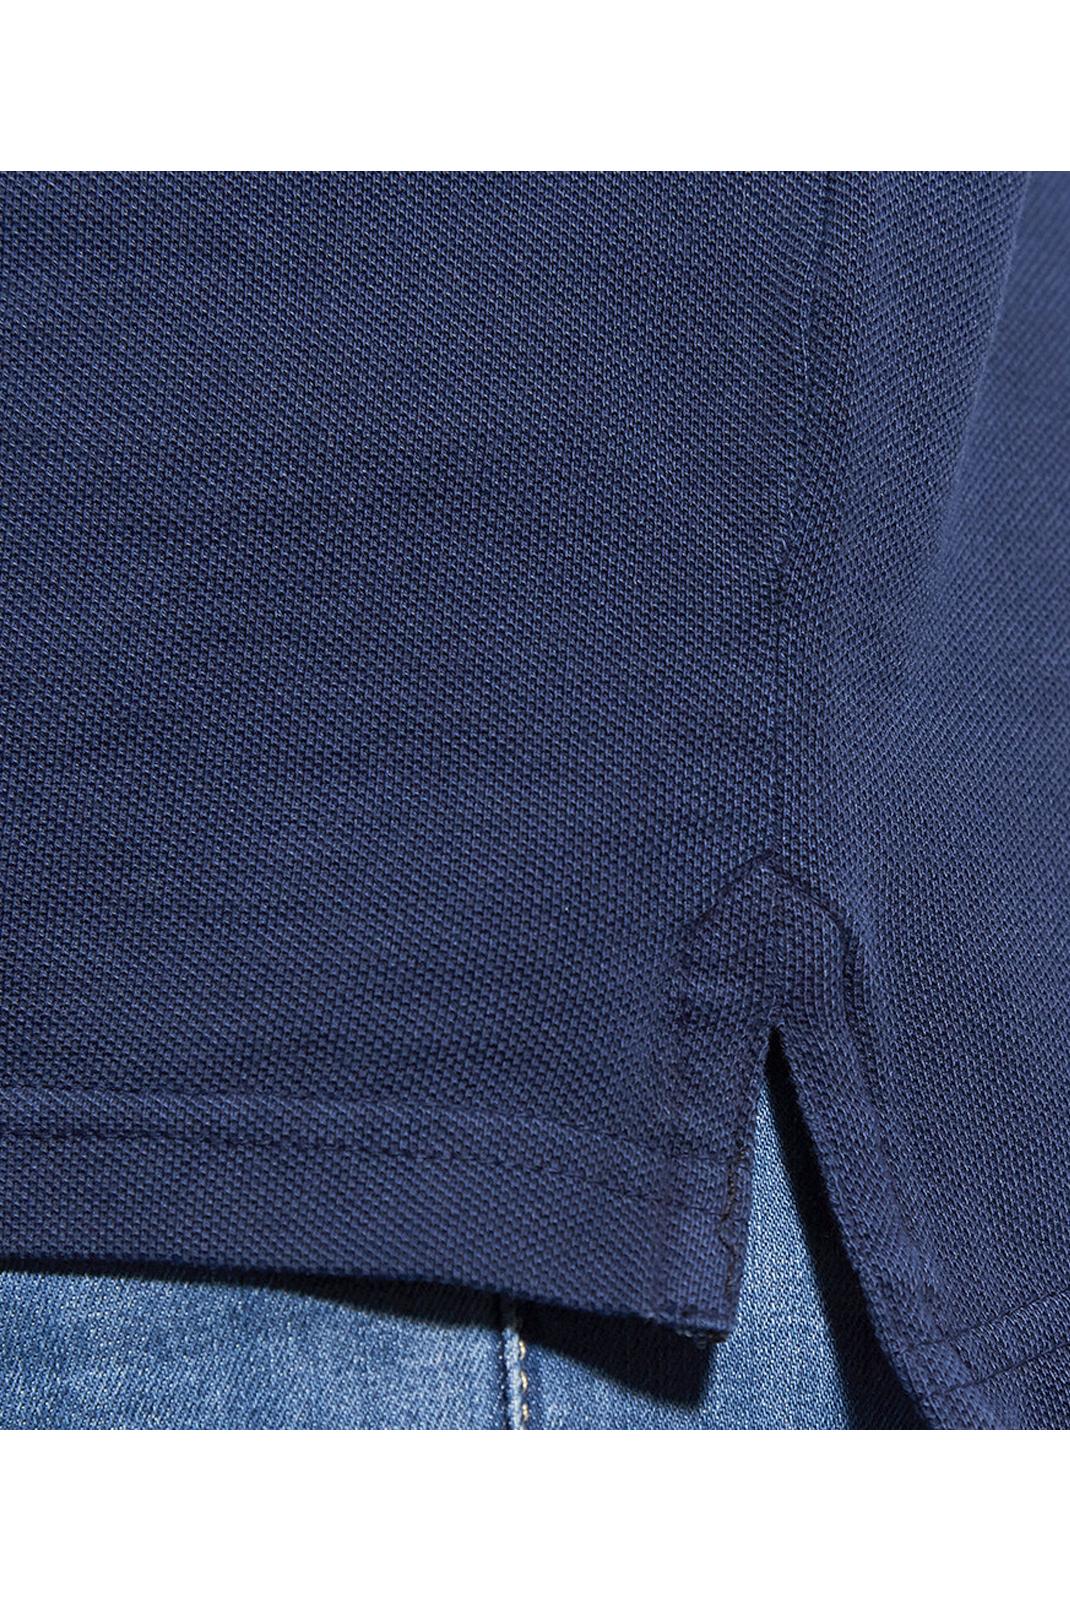 Polos  Kaporal WALON BLUEUS